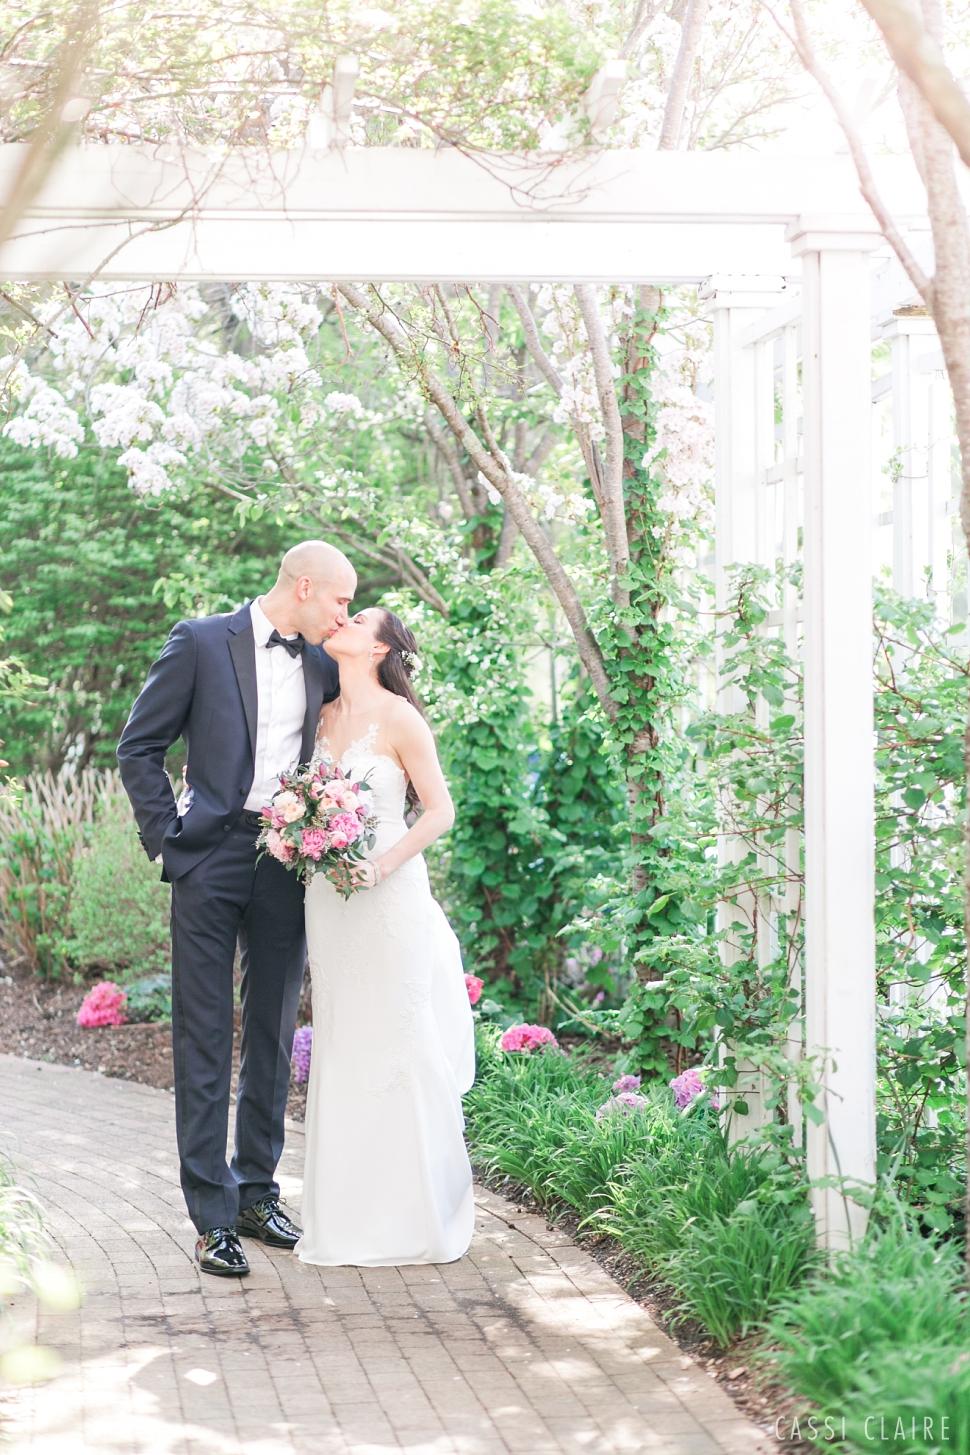 Cherry-Blossom-Wedding_CassiClaire_21.jpg